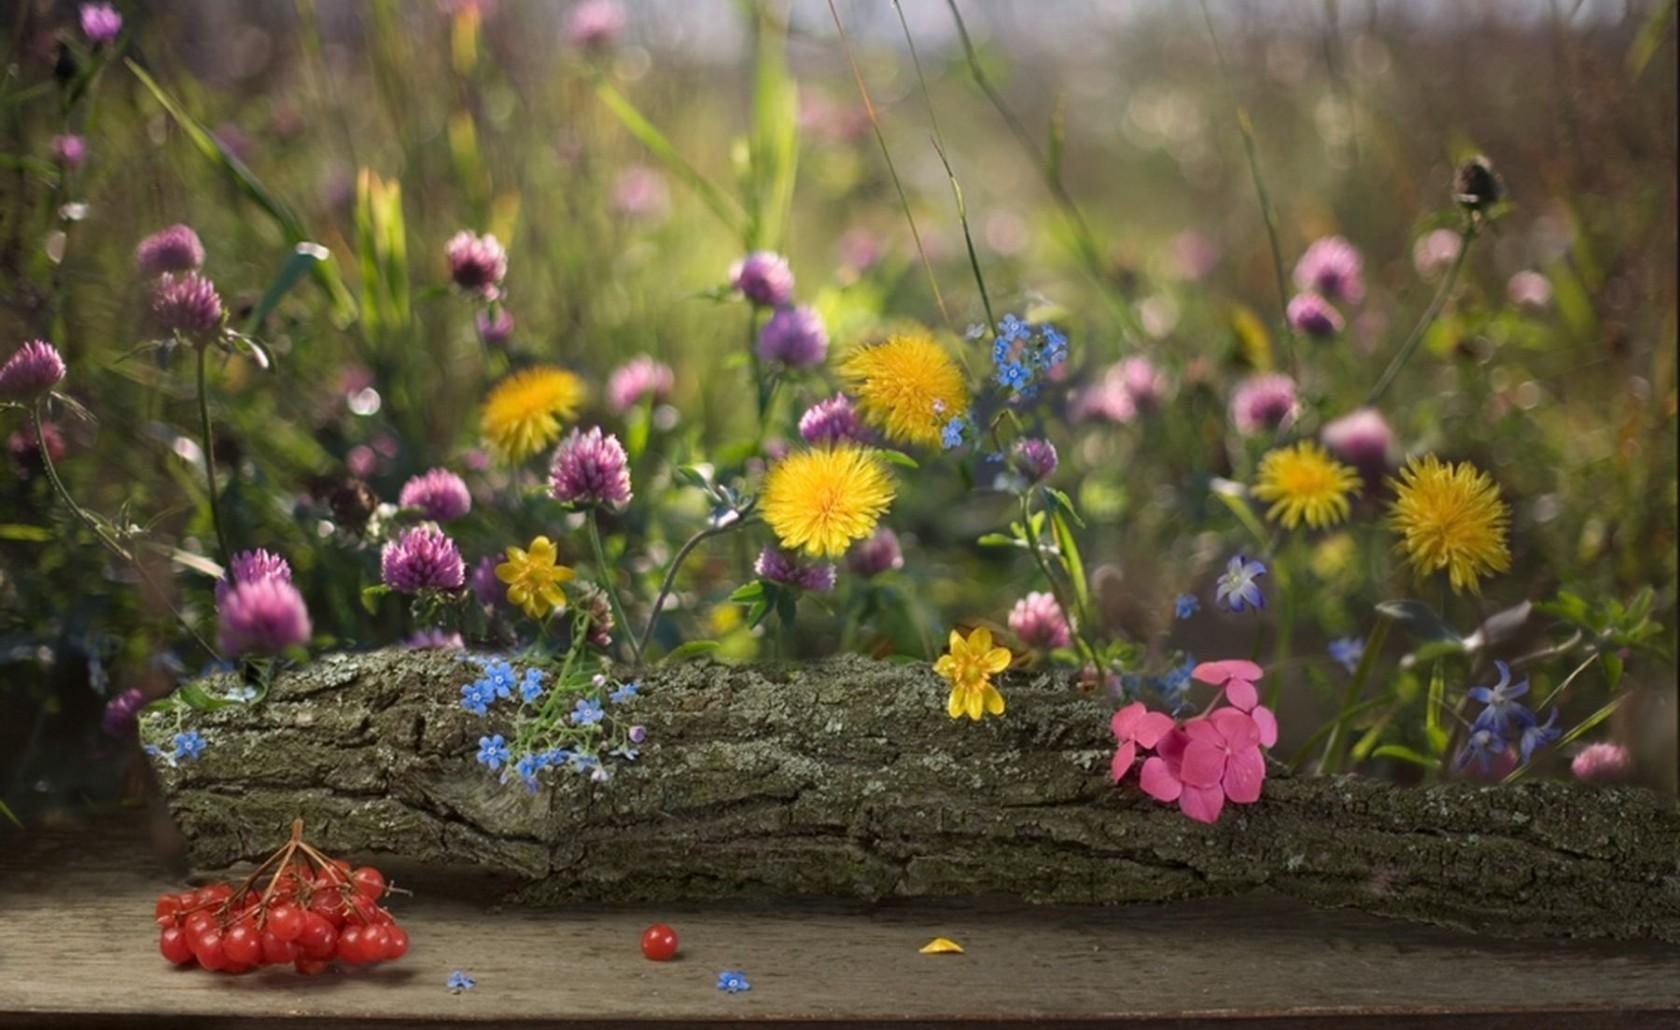 80562 Hintergrundbild herunterladen Löwenzahn, Blumen, Unschärfe, Glatt, Beere, Kleeblatt, Klee, Log, Protokoll, Vergissmeinnicht, Vergiss Mein-Nots - Bildschirmschoner und Bilder kostenlos